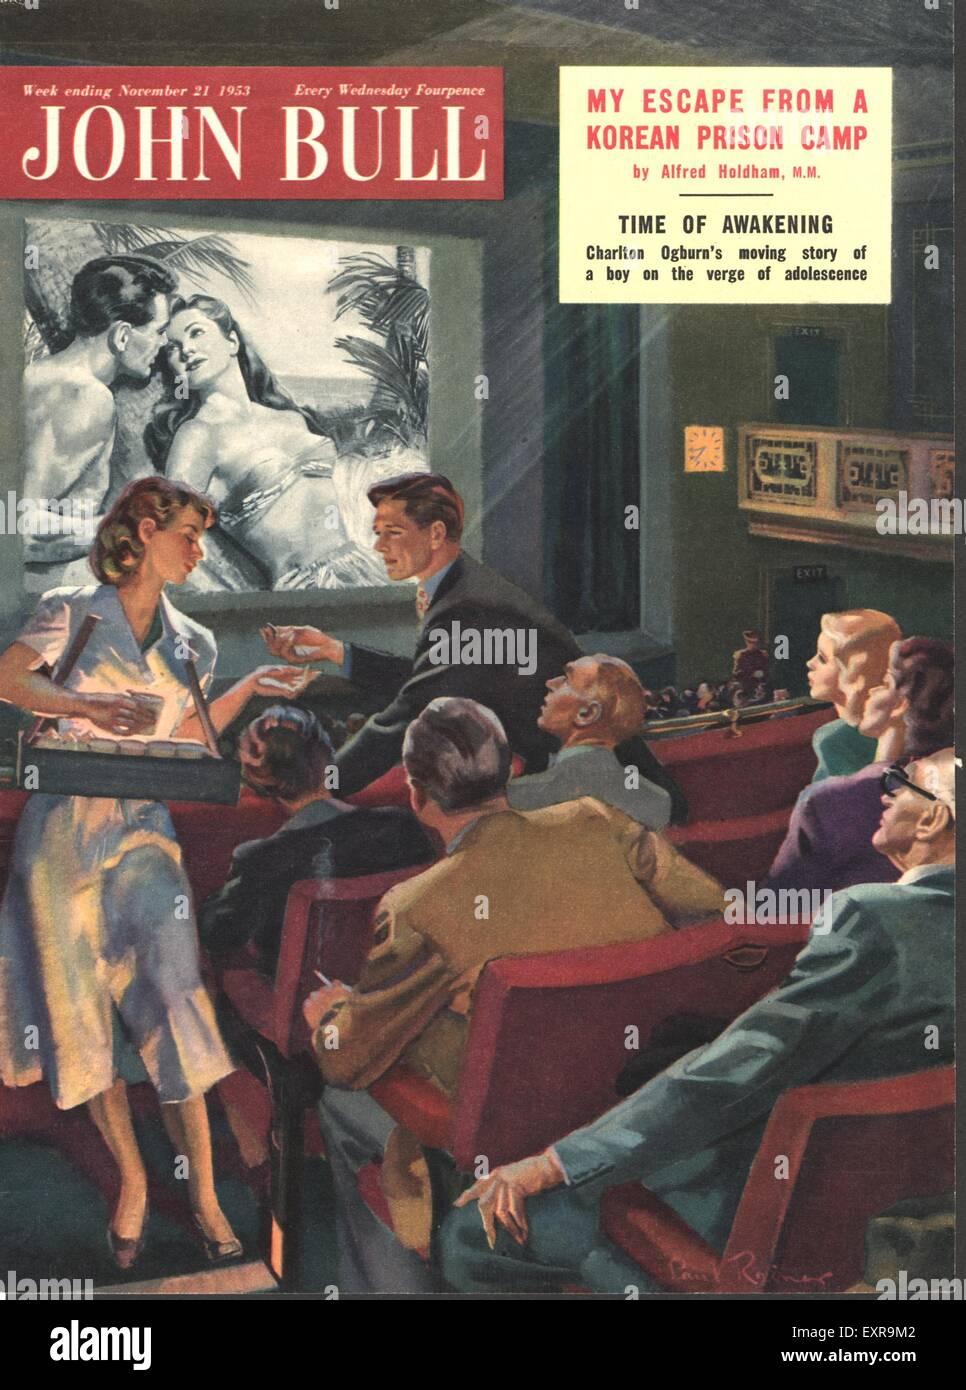 1950s UK John Bull Magazine Cover - Stock Image